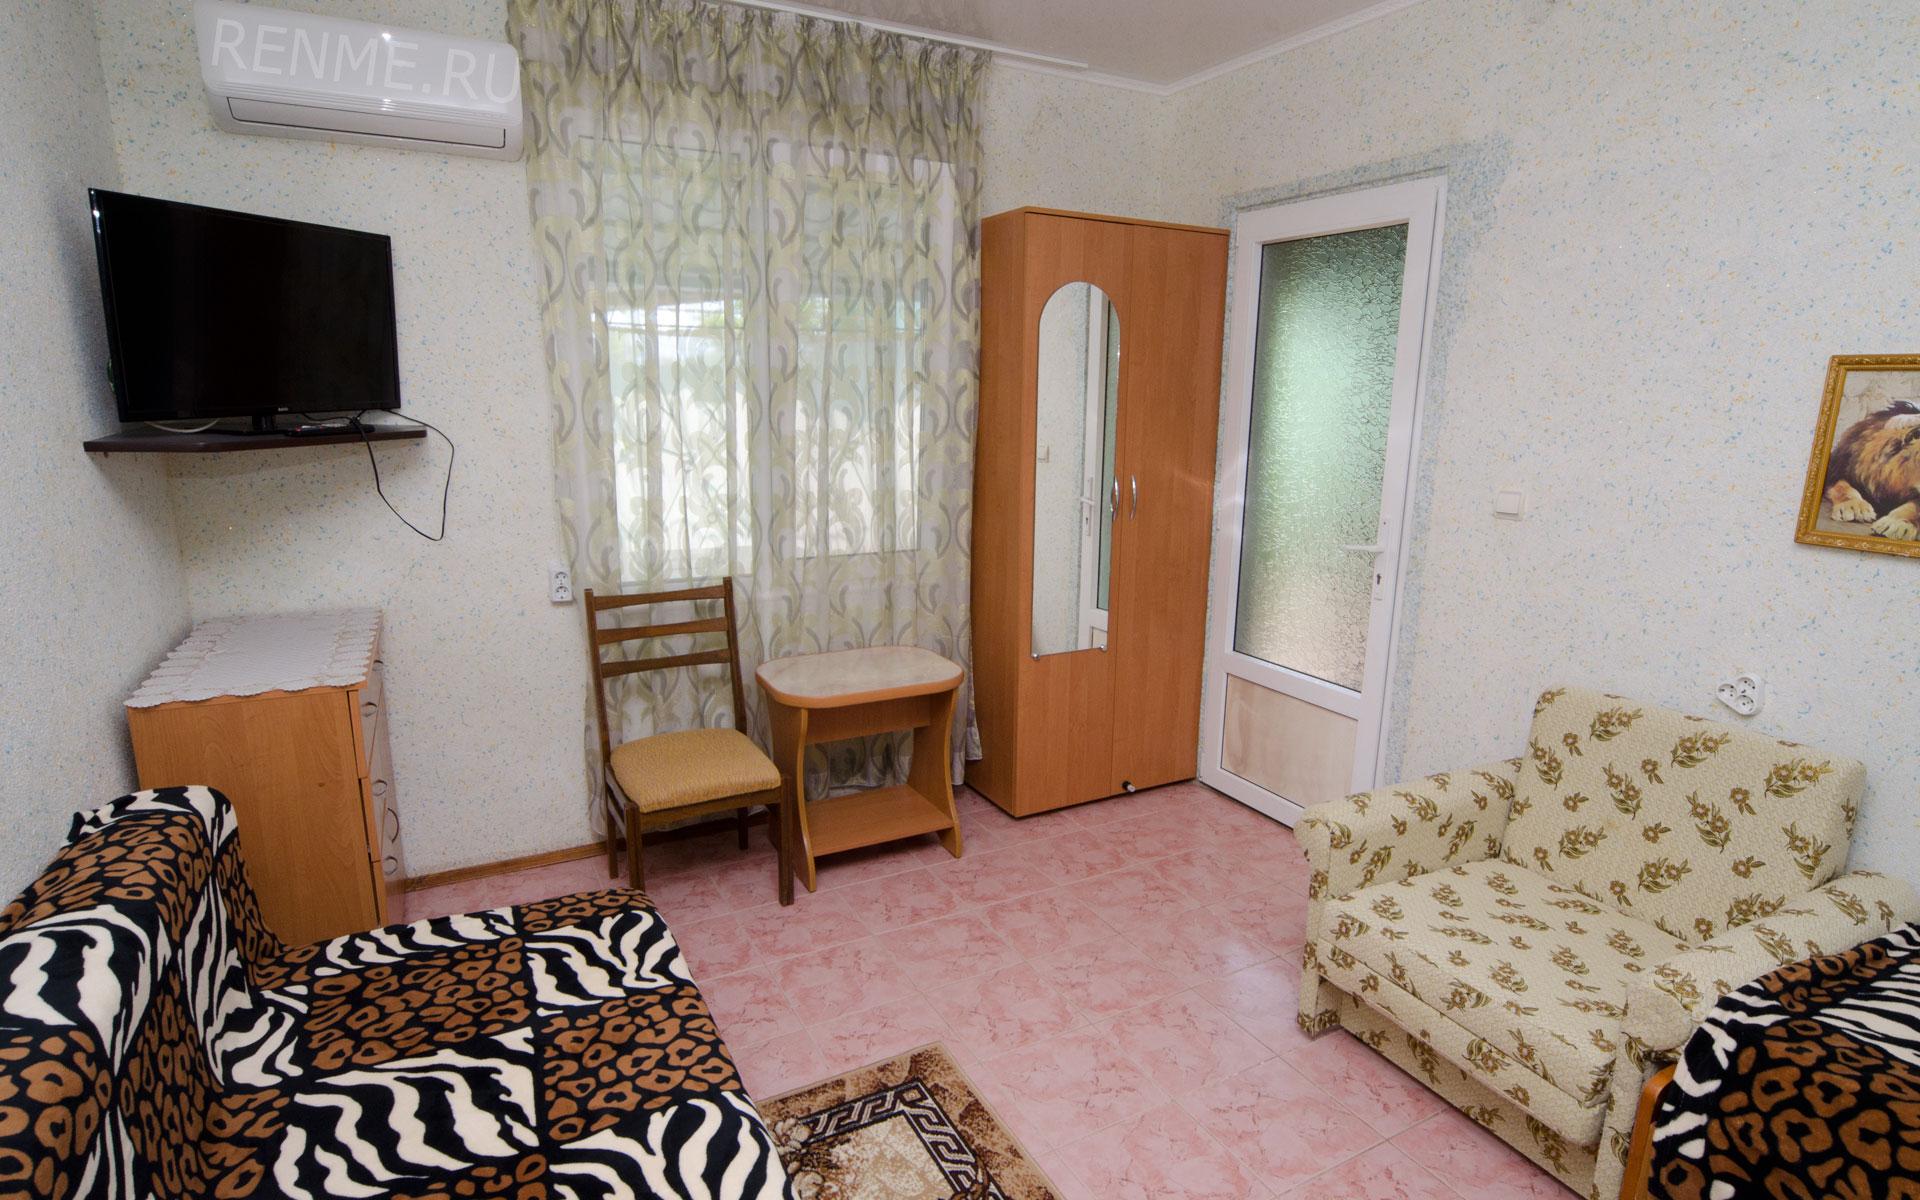 Комната. Лебеди. Апарт-отель на 8 квартир. Заозёрное